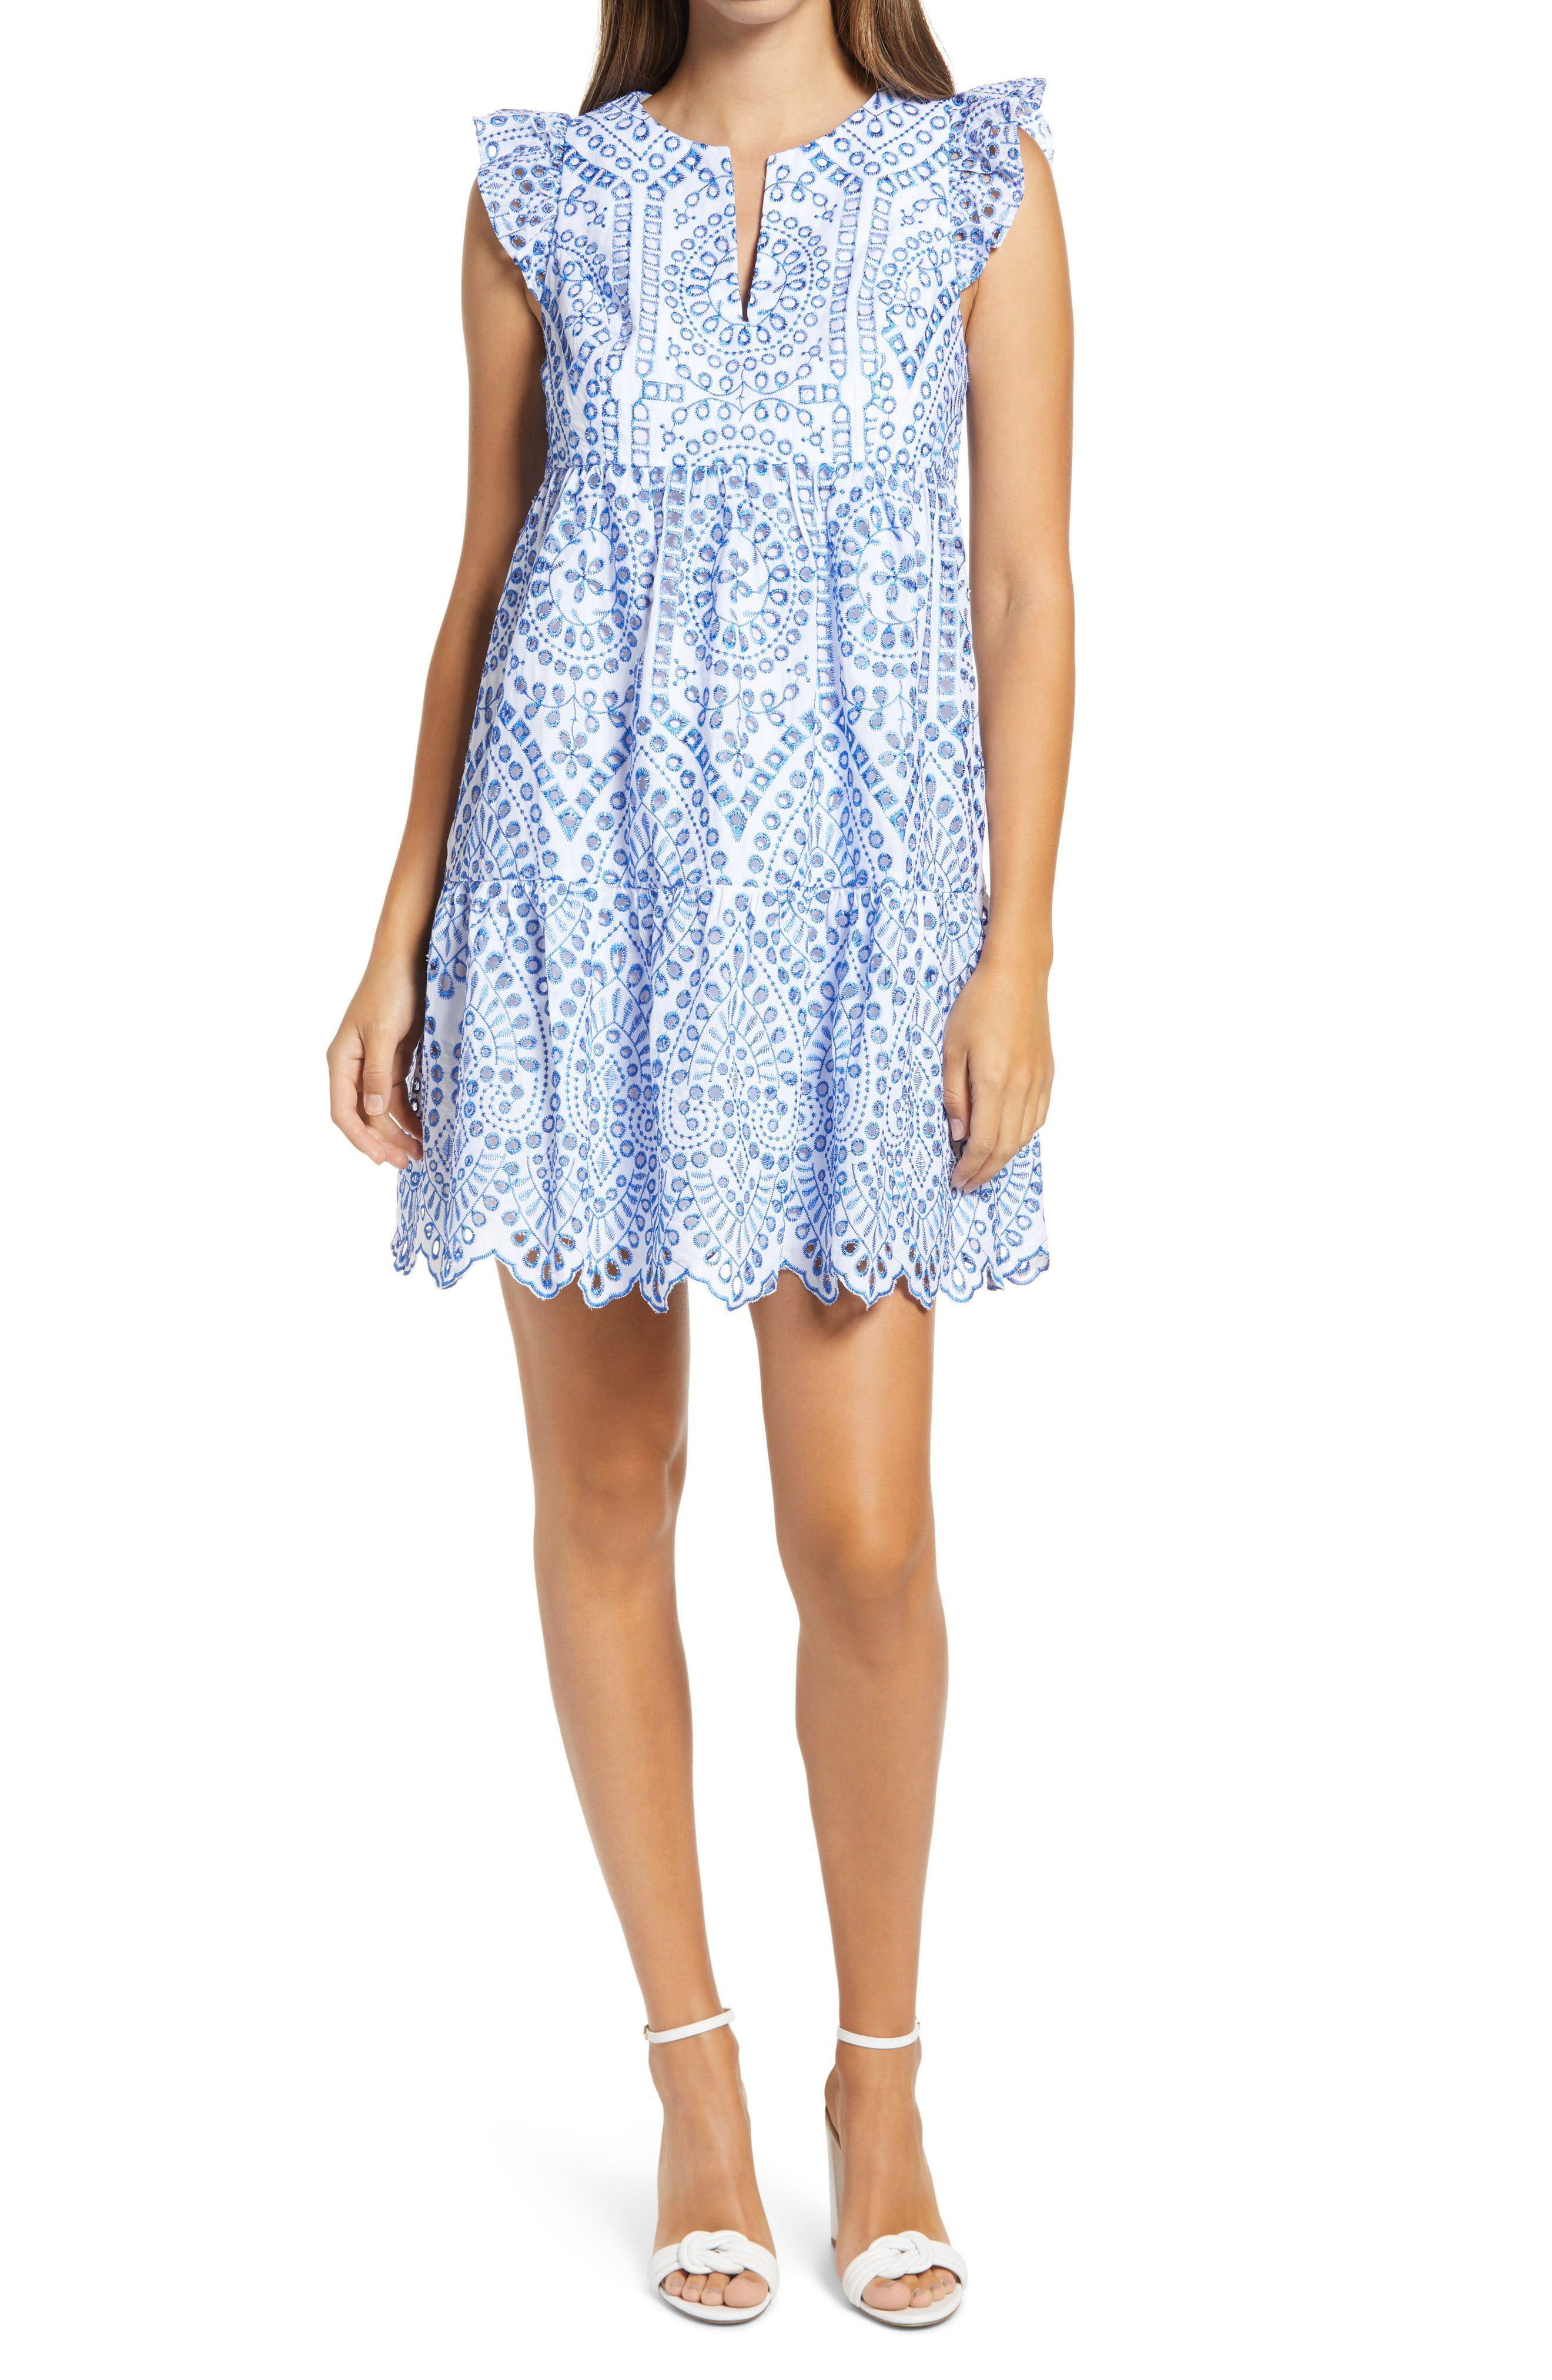 Lilly Pulitzer Keila Eyelet Babydoll Dress Nordstrom In 2021 Nordstrom Dresses Dresses Babydoll Dress [ 4048 x 2640 Pixel ]